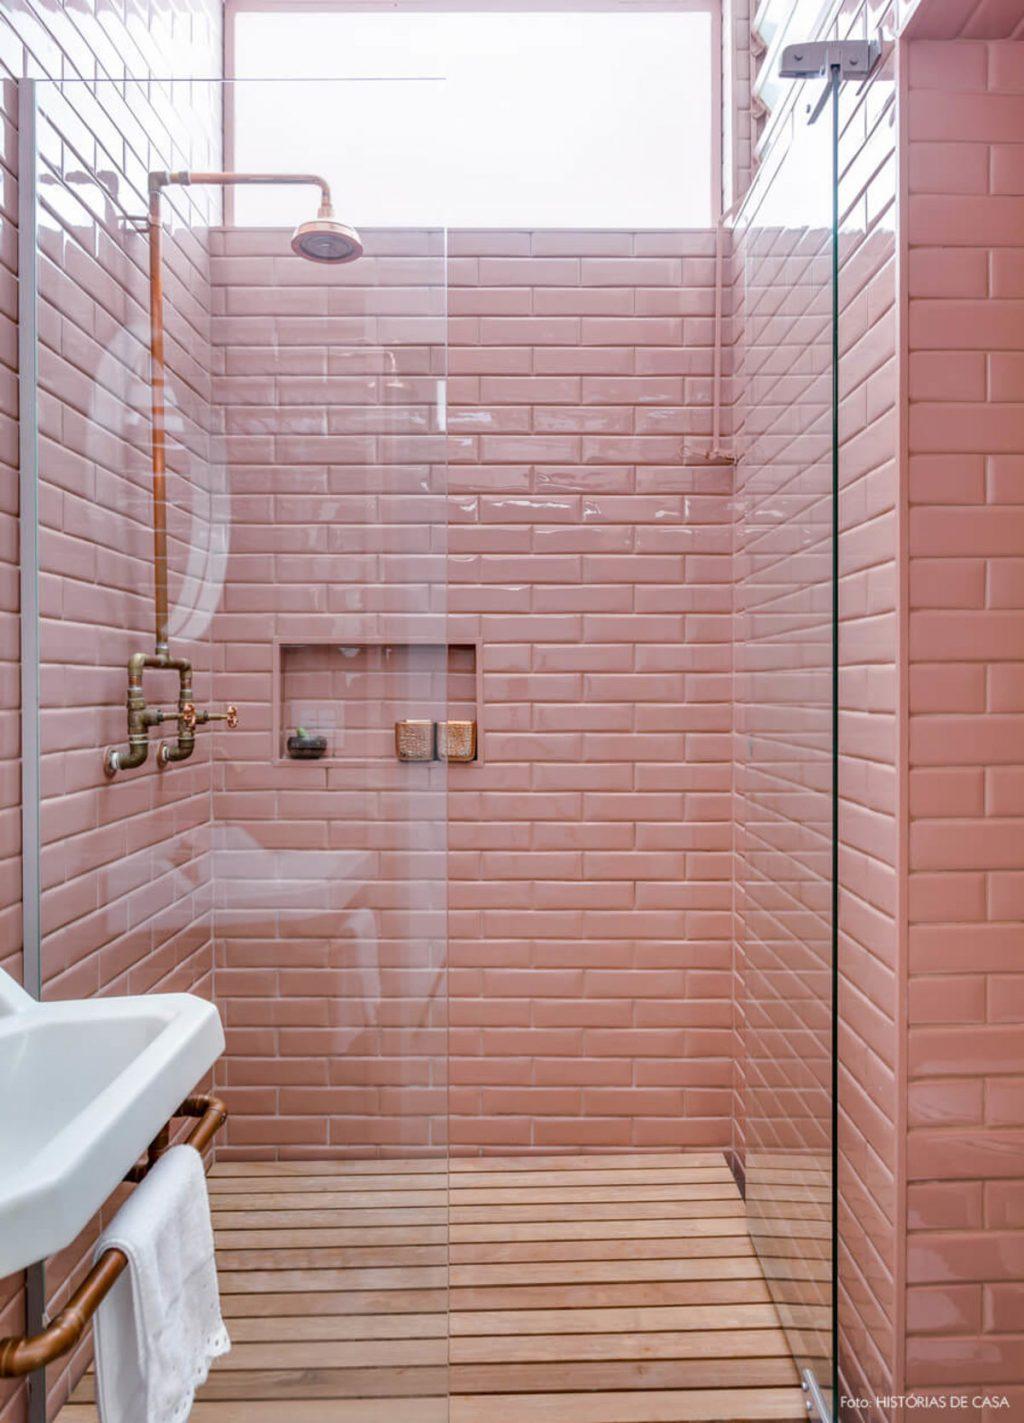 Độ ẩm tự nhiên như ceramides, axit béo và dầu có thể mất do rửa mặt dưới vòi hoa sen trong lúc tắm.